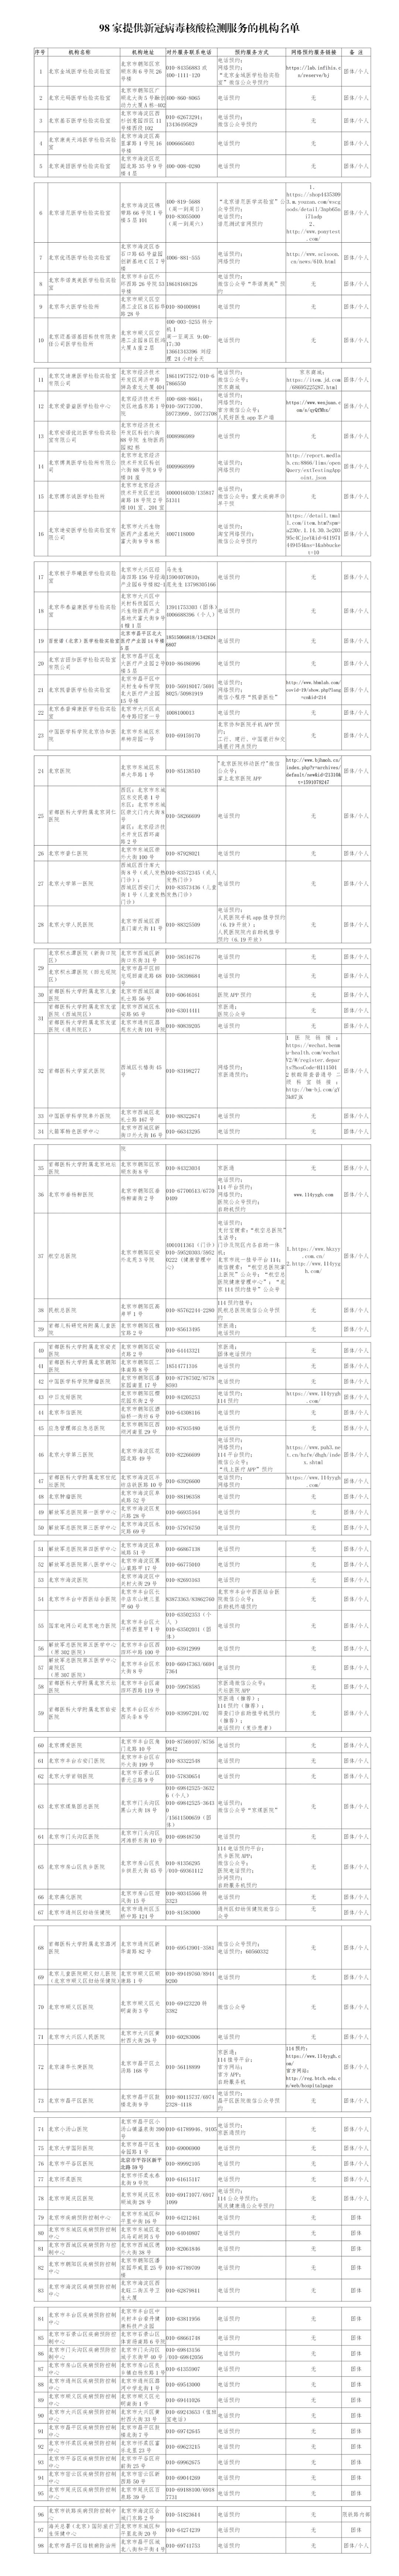 摩天注册,京市摩天注册公布新冠病毒核图片